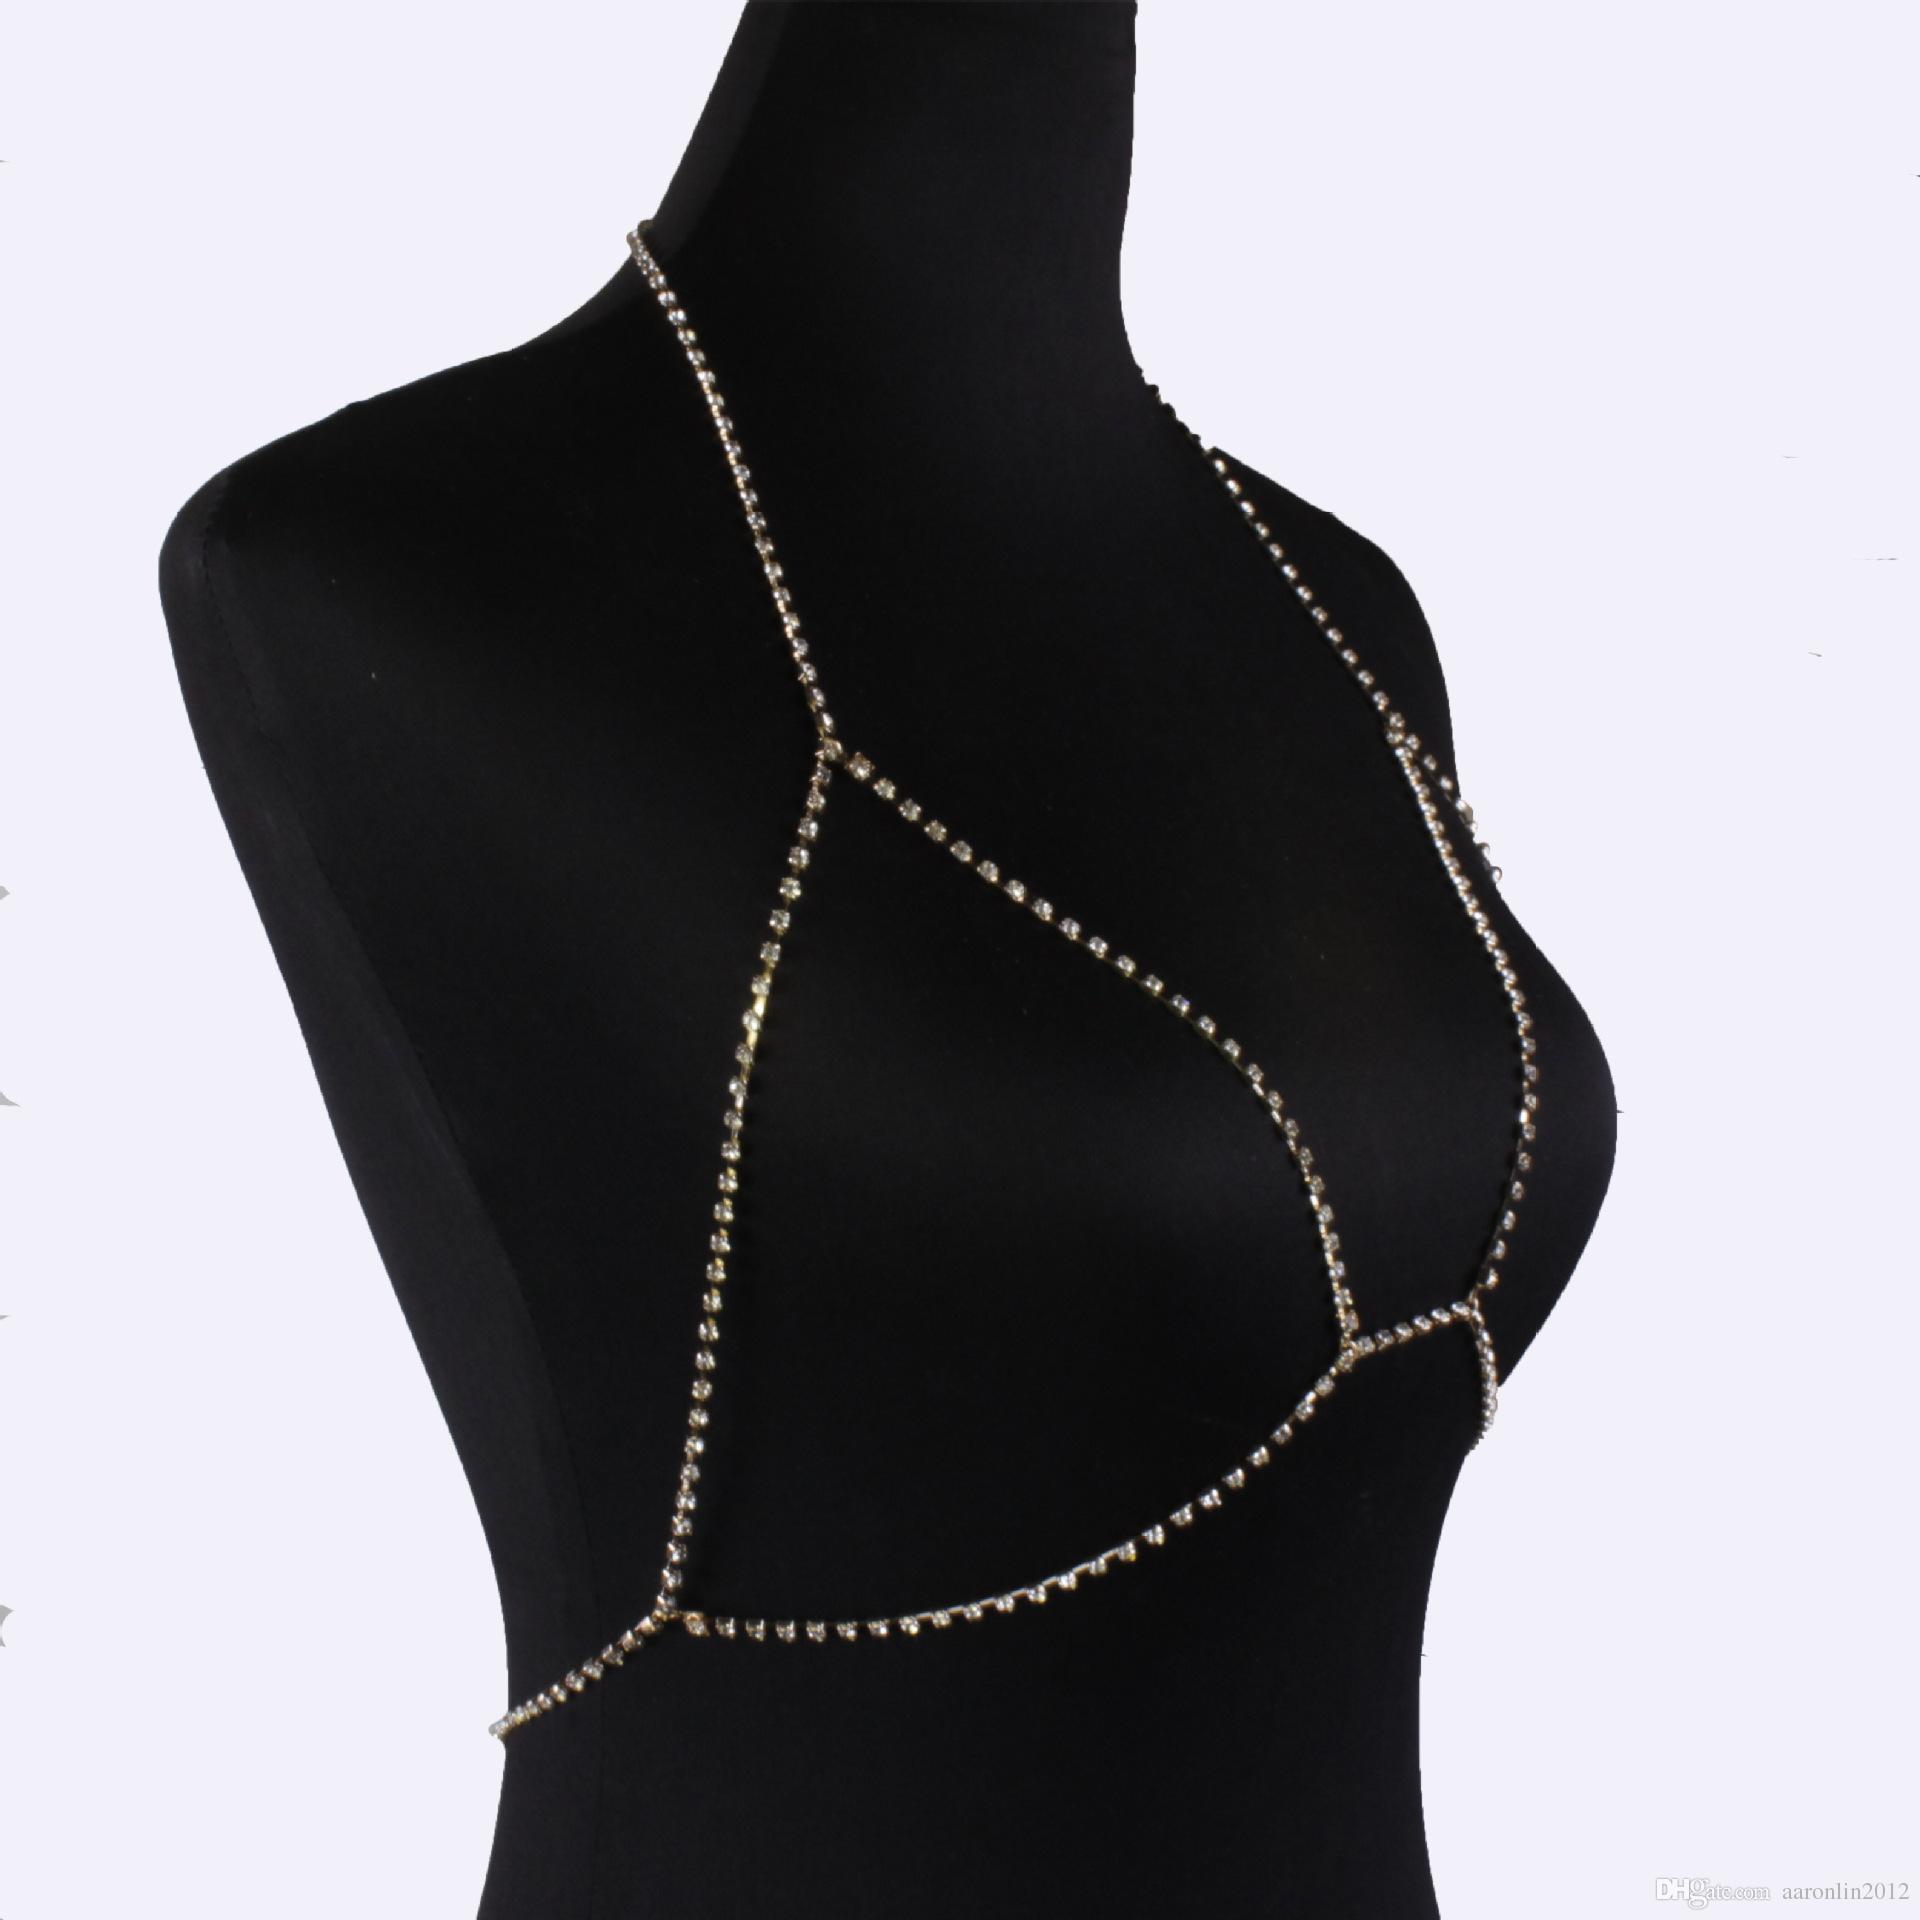 Mode marke klaue kristall bh slave harness körper kette frauen strass choker halskette anhänger bikini strand körperschmuck 2017